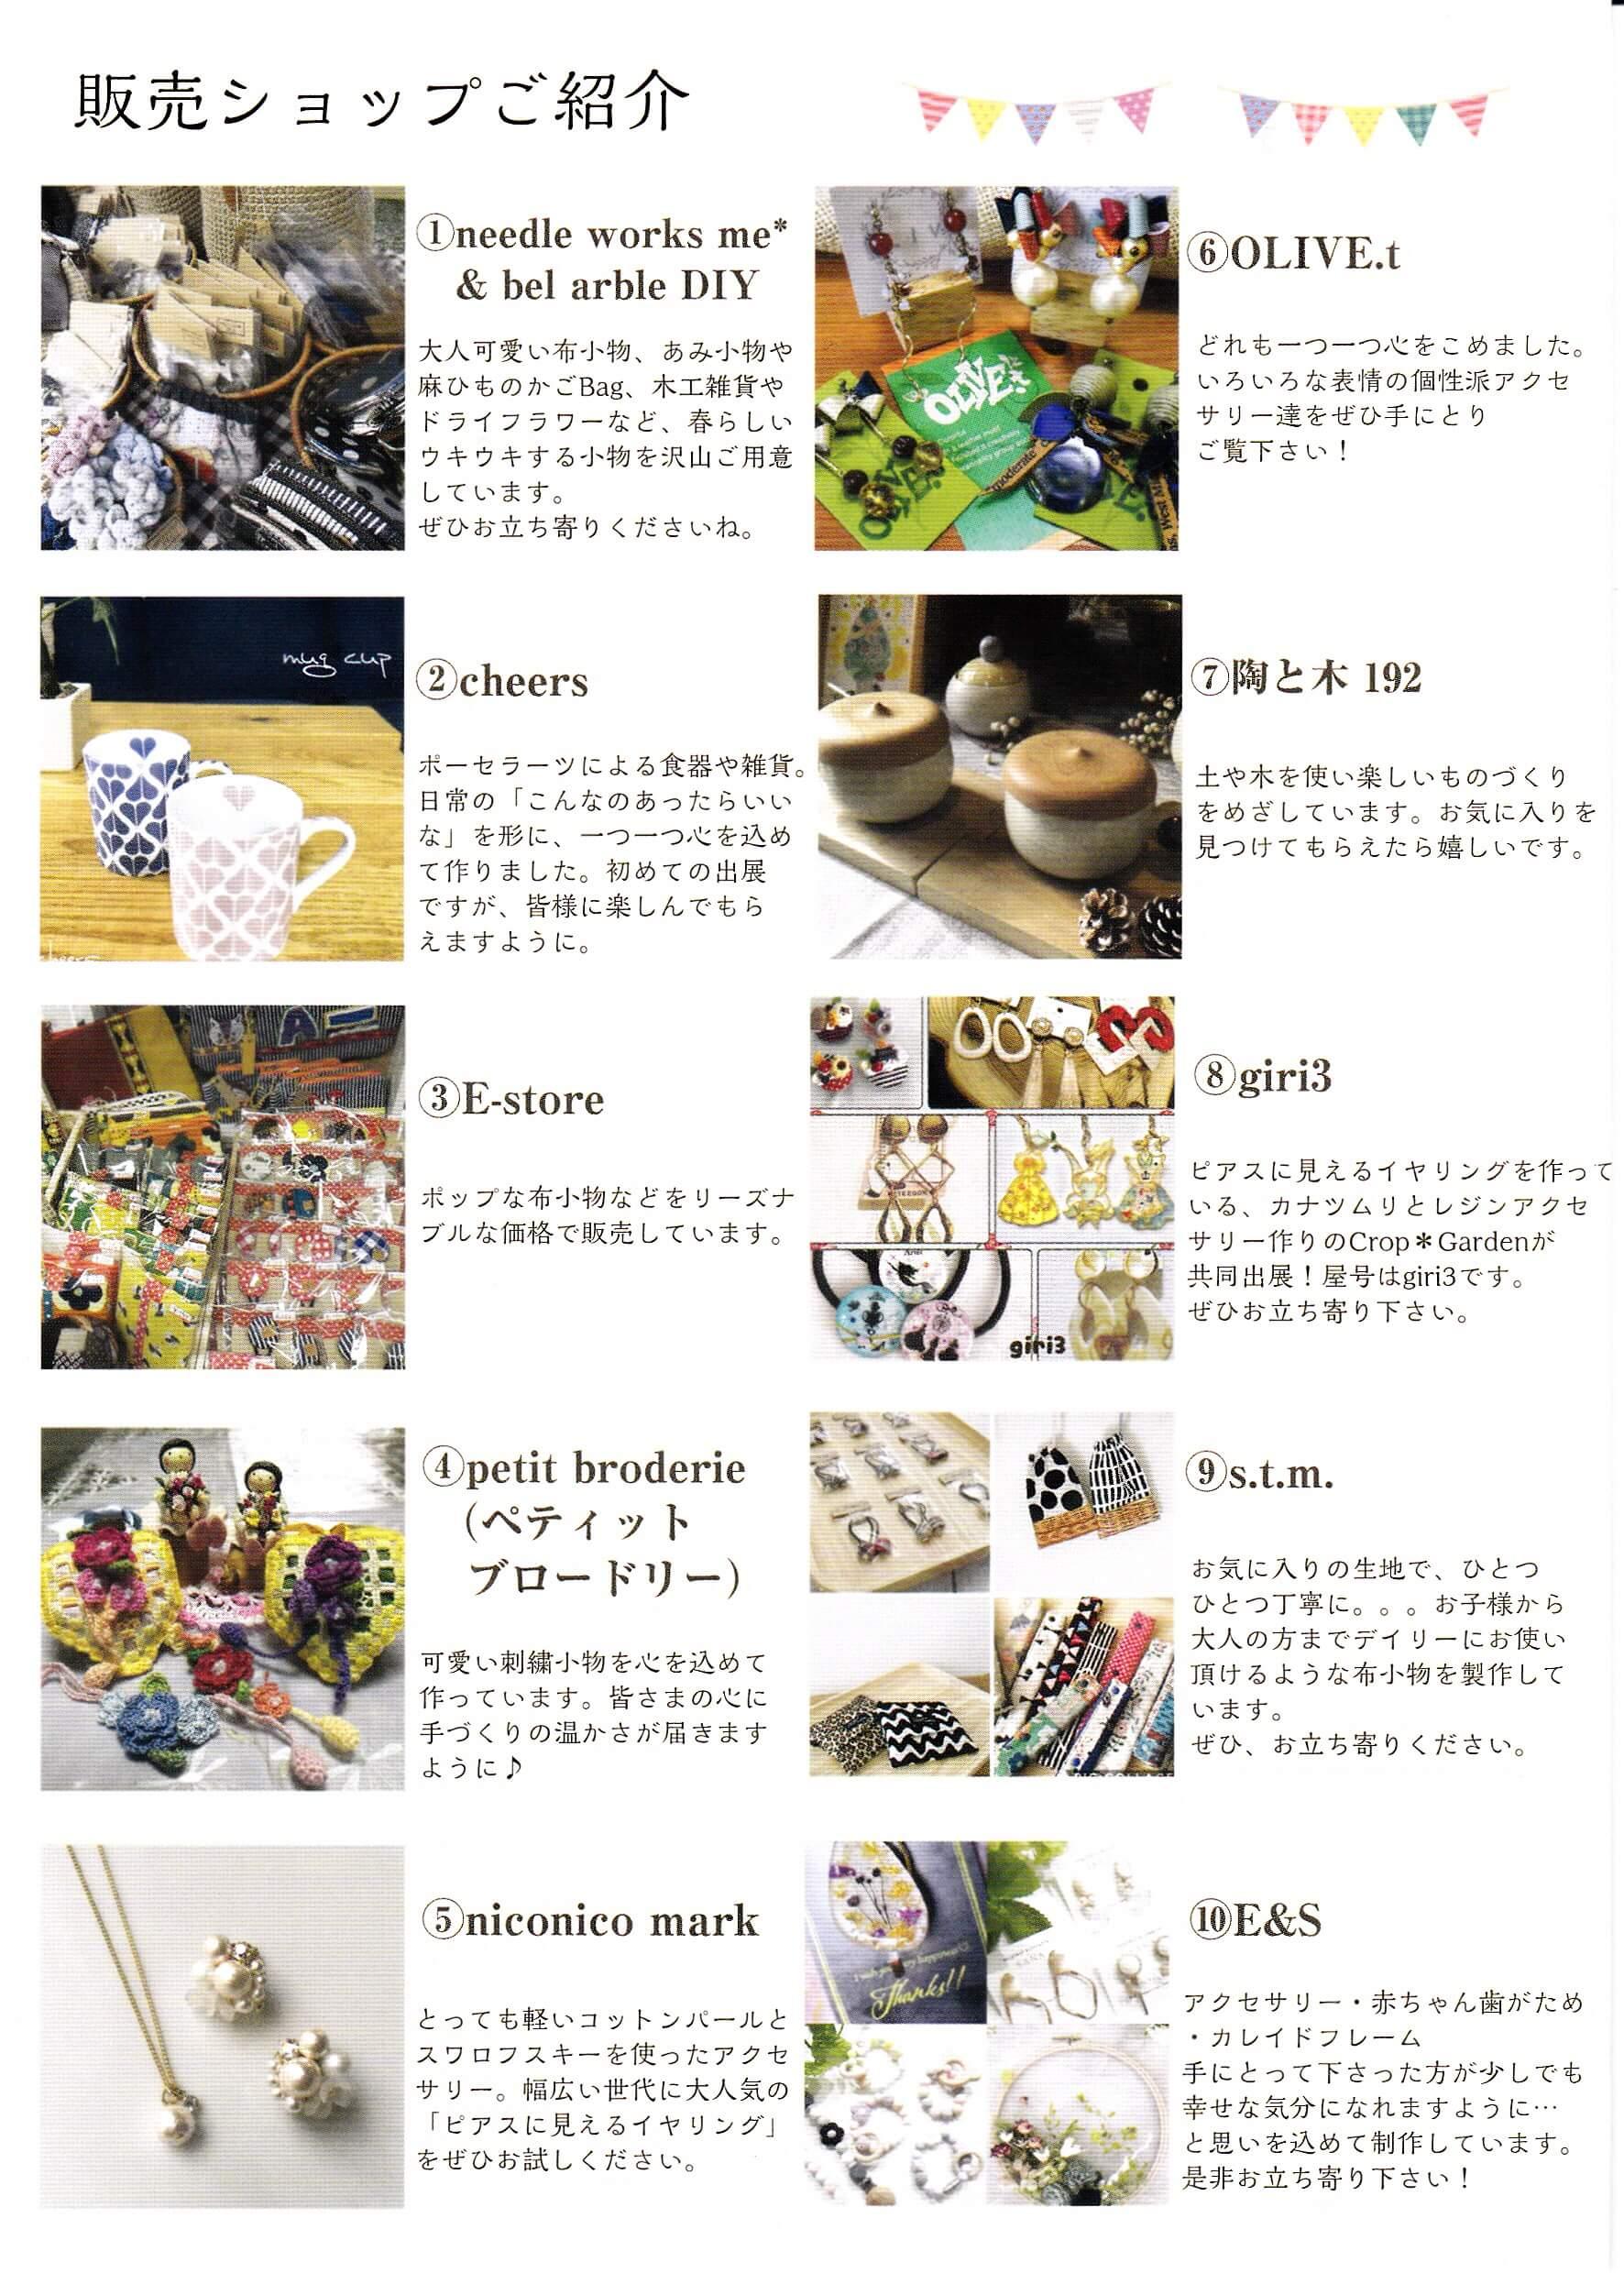 【ハンドメイド作品が大集合!】第2回「さくらの街のマルシェ」が2019年3月31にSAYAKAホールにて開催されます